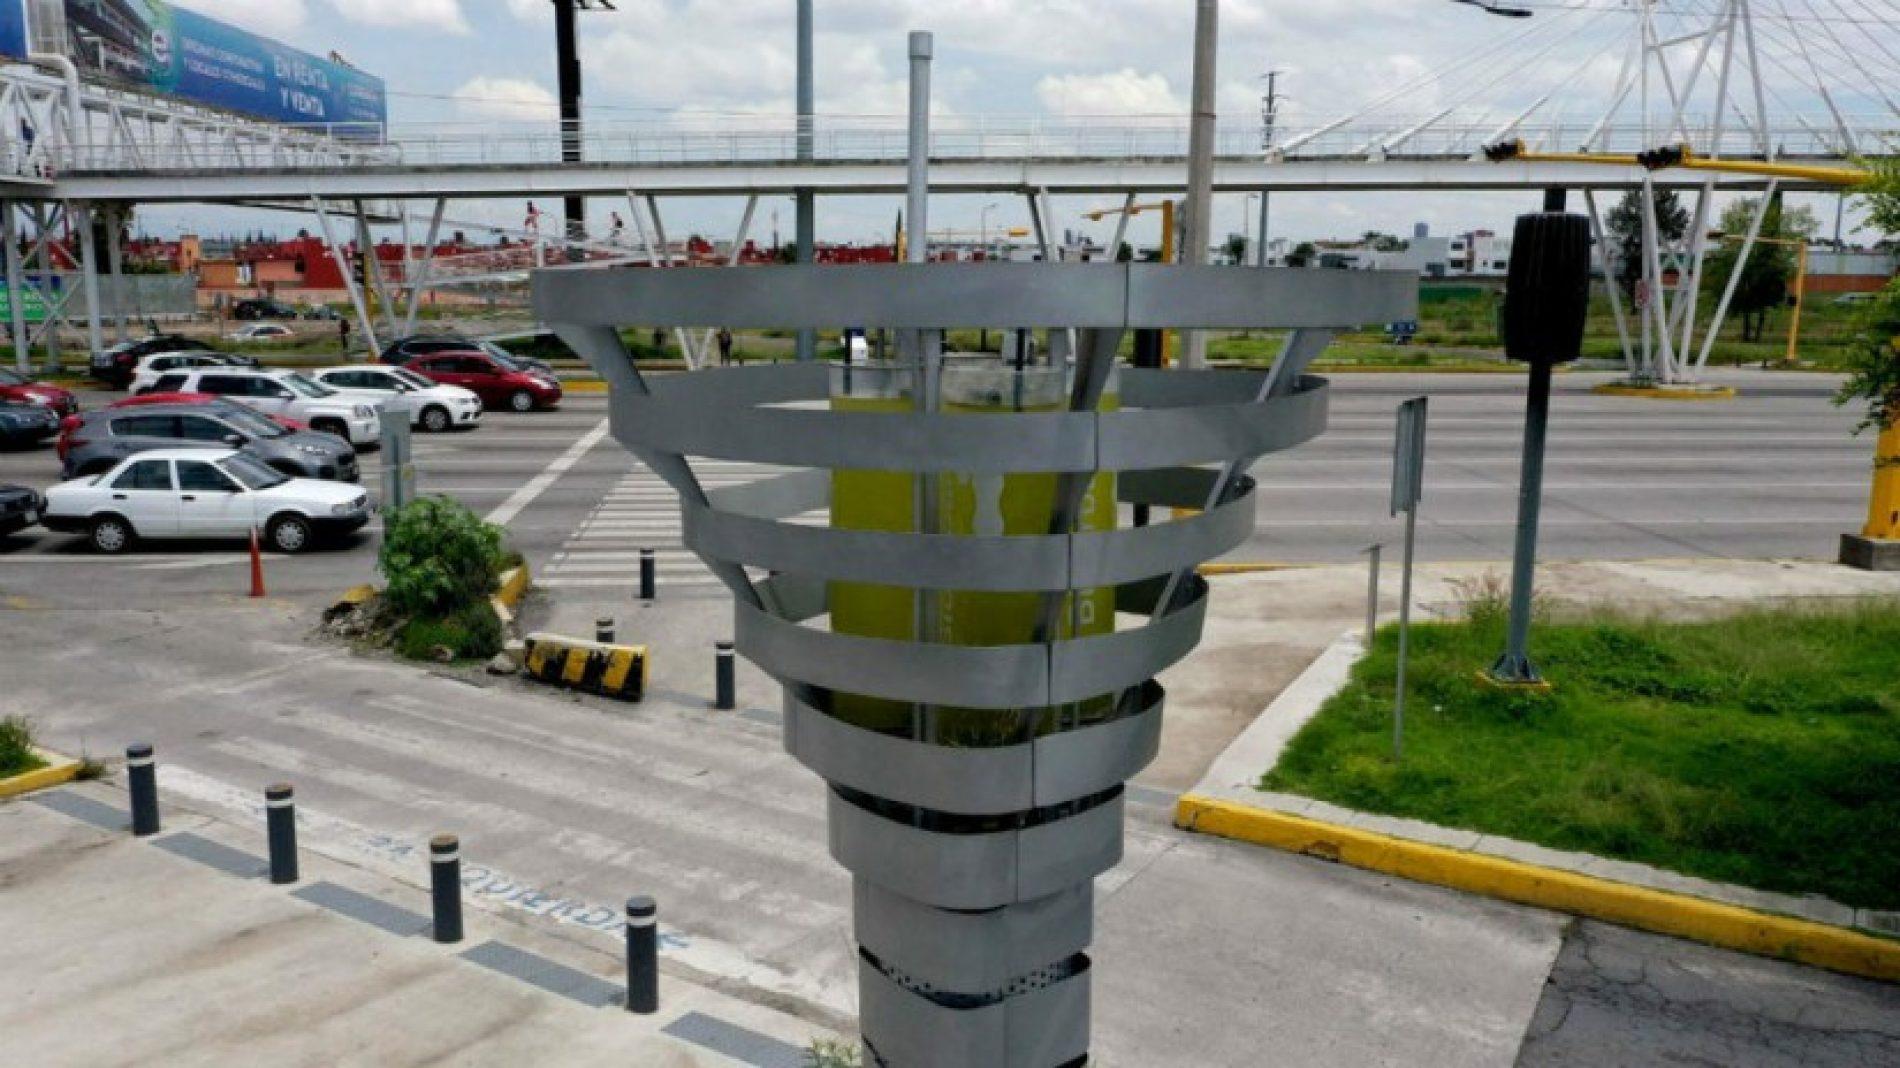 Mexique – Environnement : Un arbre artificiel pour purifier l'air !